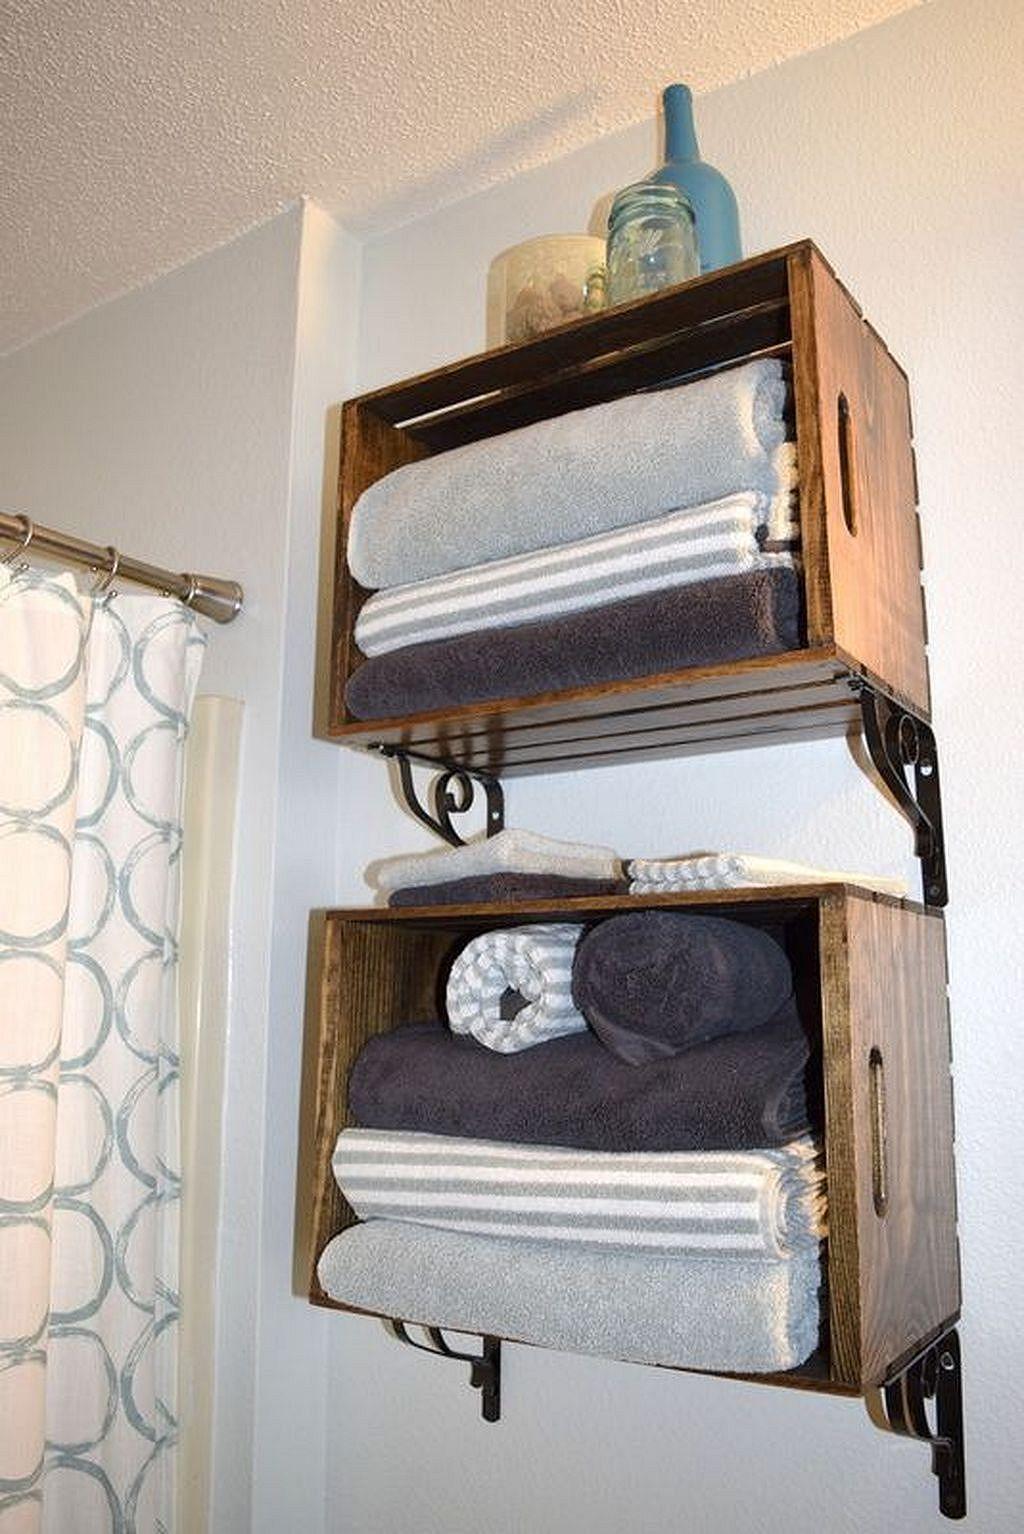 40 Towel Storage For Small Bathroom Ideas 39 Diy Bathroom Storage Pallet Bathroom Small Bathroom Storage